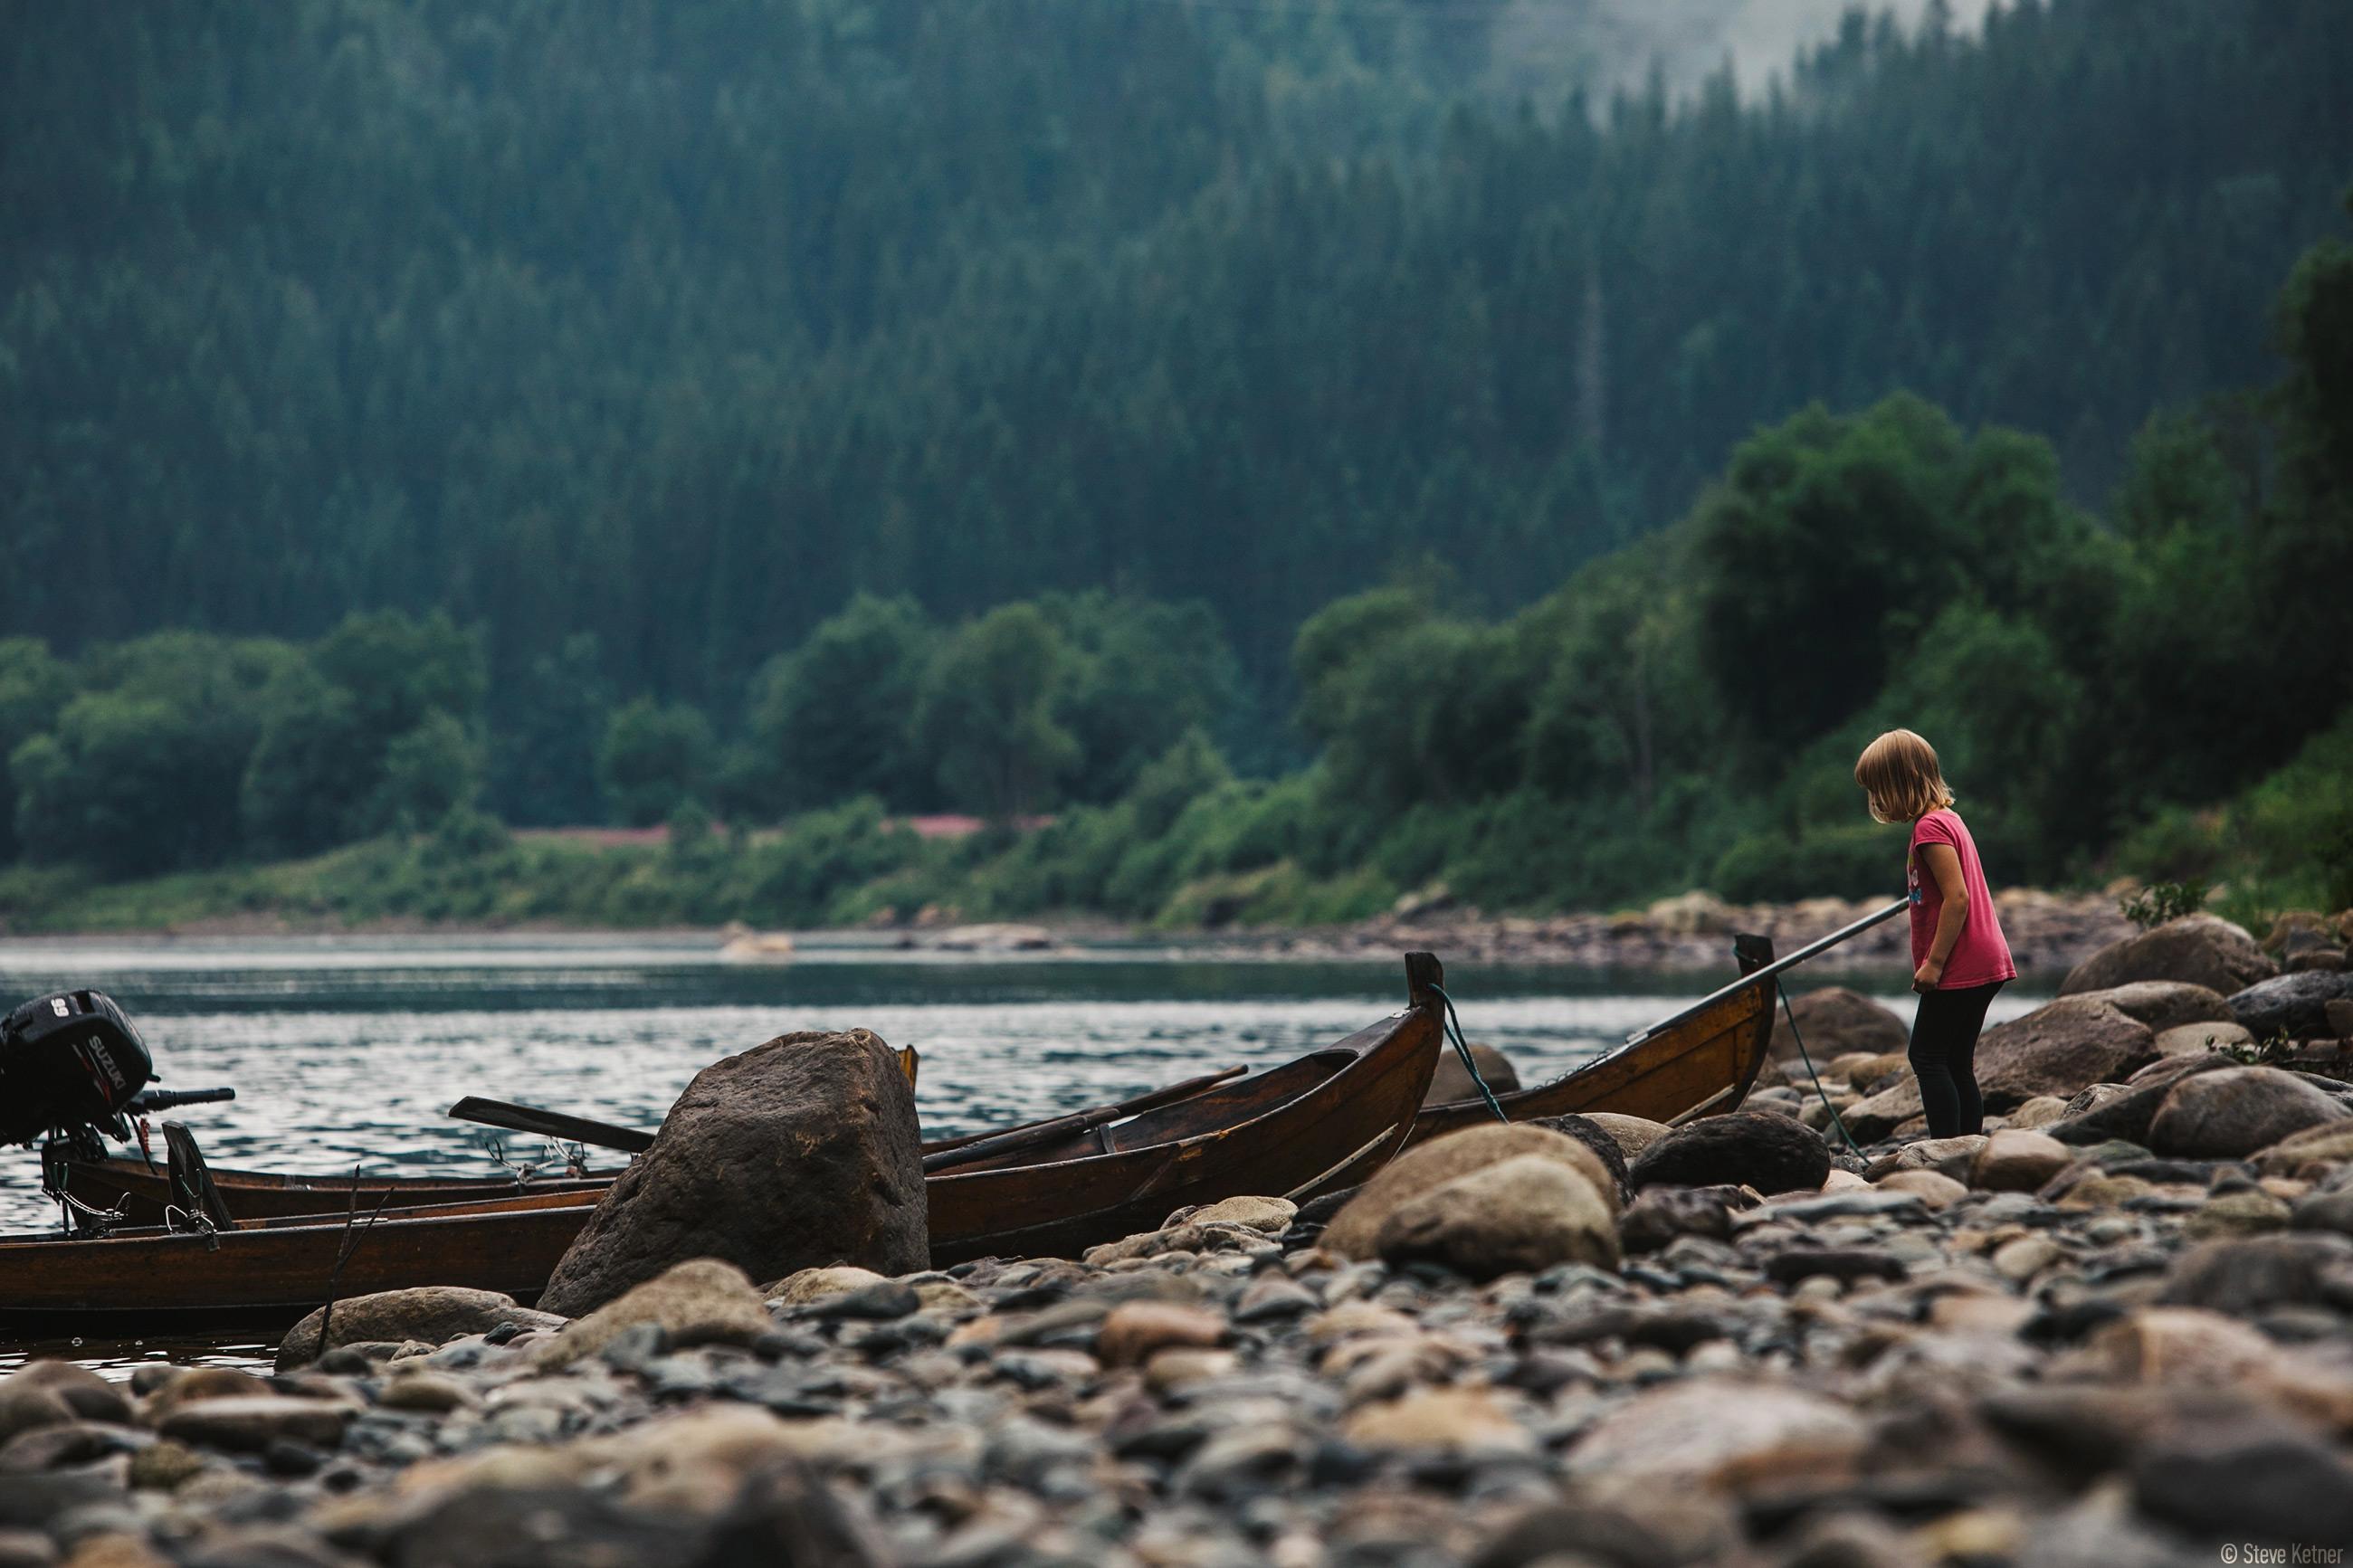 Steve Ketner - Riverside near Grong city – Norway